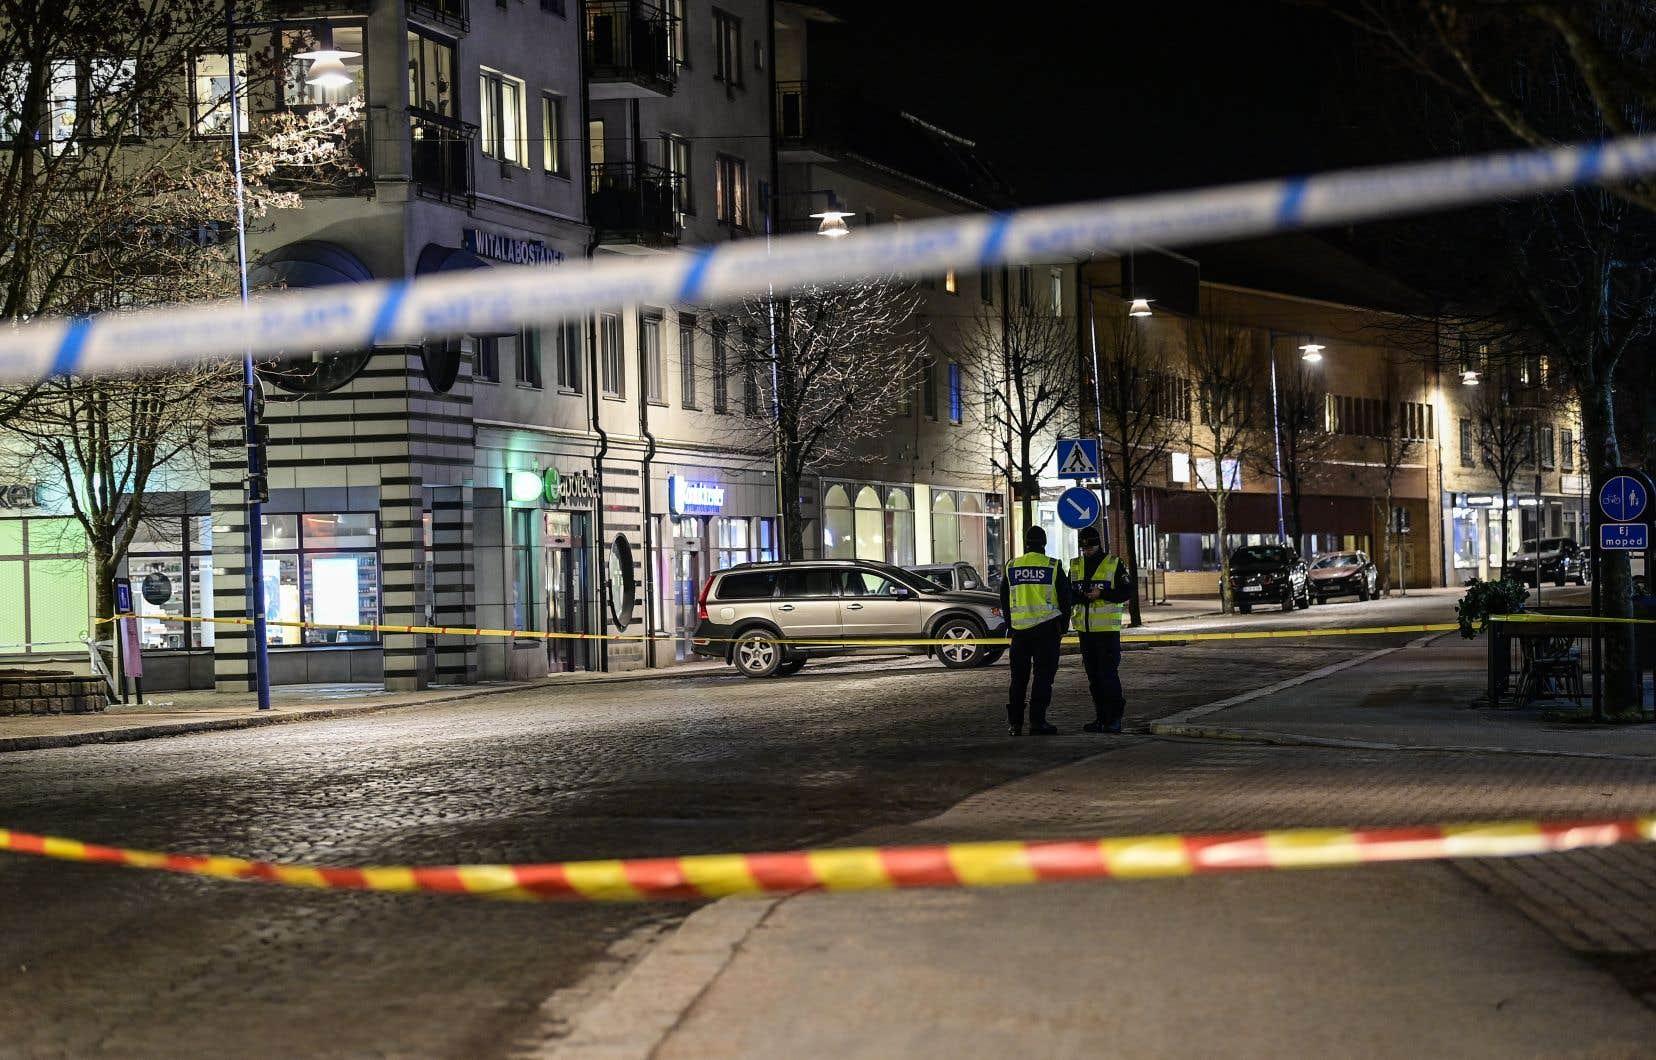 La police avait initialement écarté la piste terroriste, mais elle a finalement indiqué en début de soirée suspecter, outre des «tentatives de meurtre», un «crime terroriste».